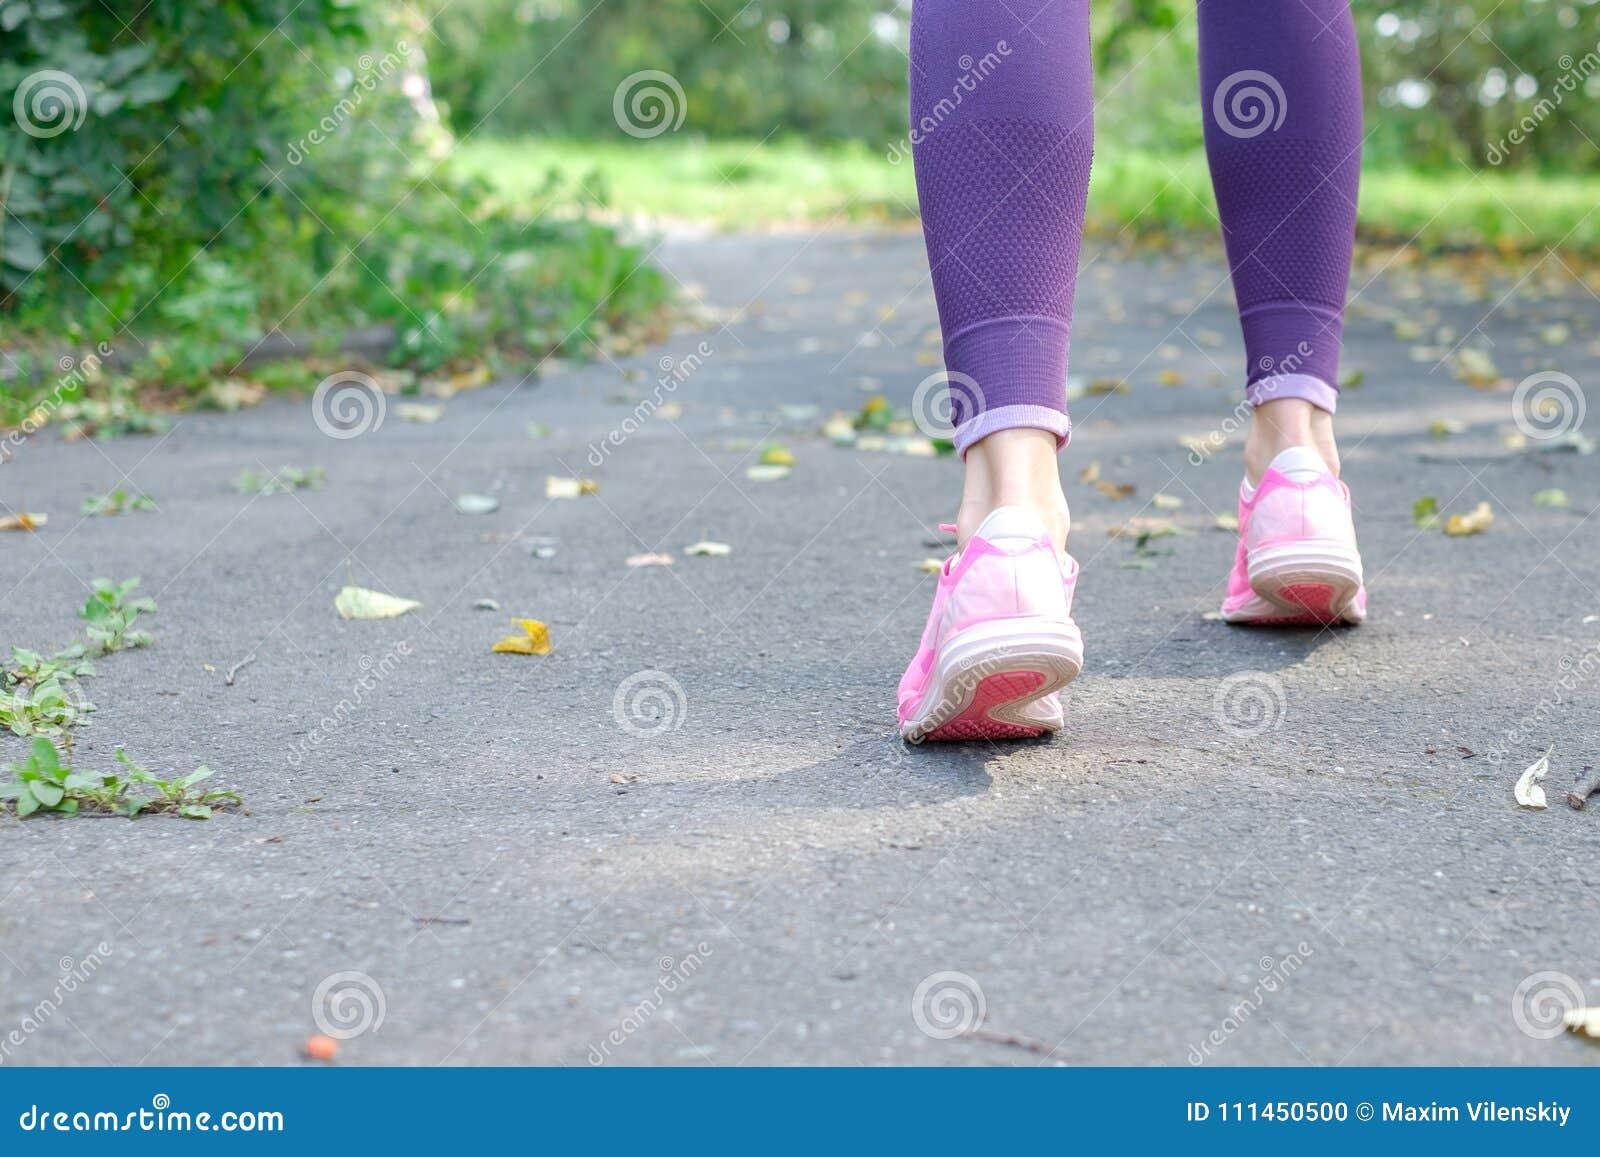 La femme de marche et pulsante avec les jambes sportives et les chaussures de course, se ferment, Copyspace pour votre texte